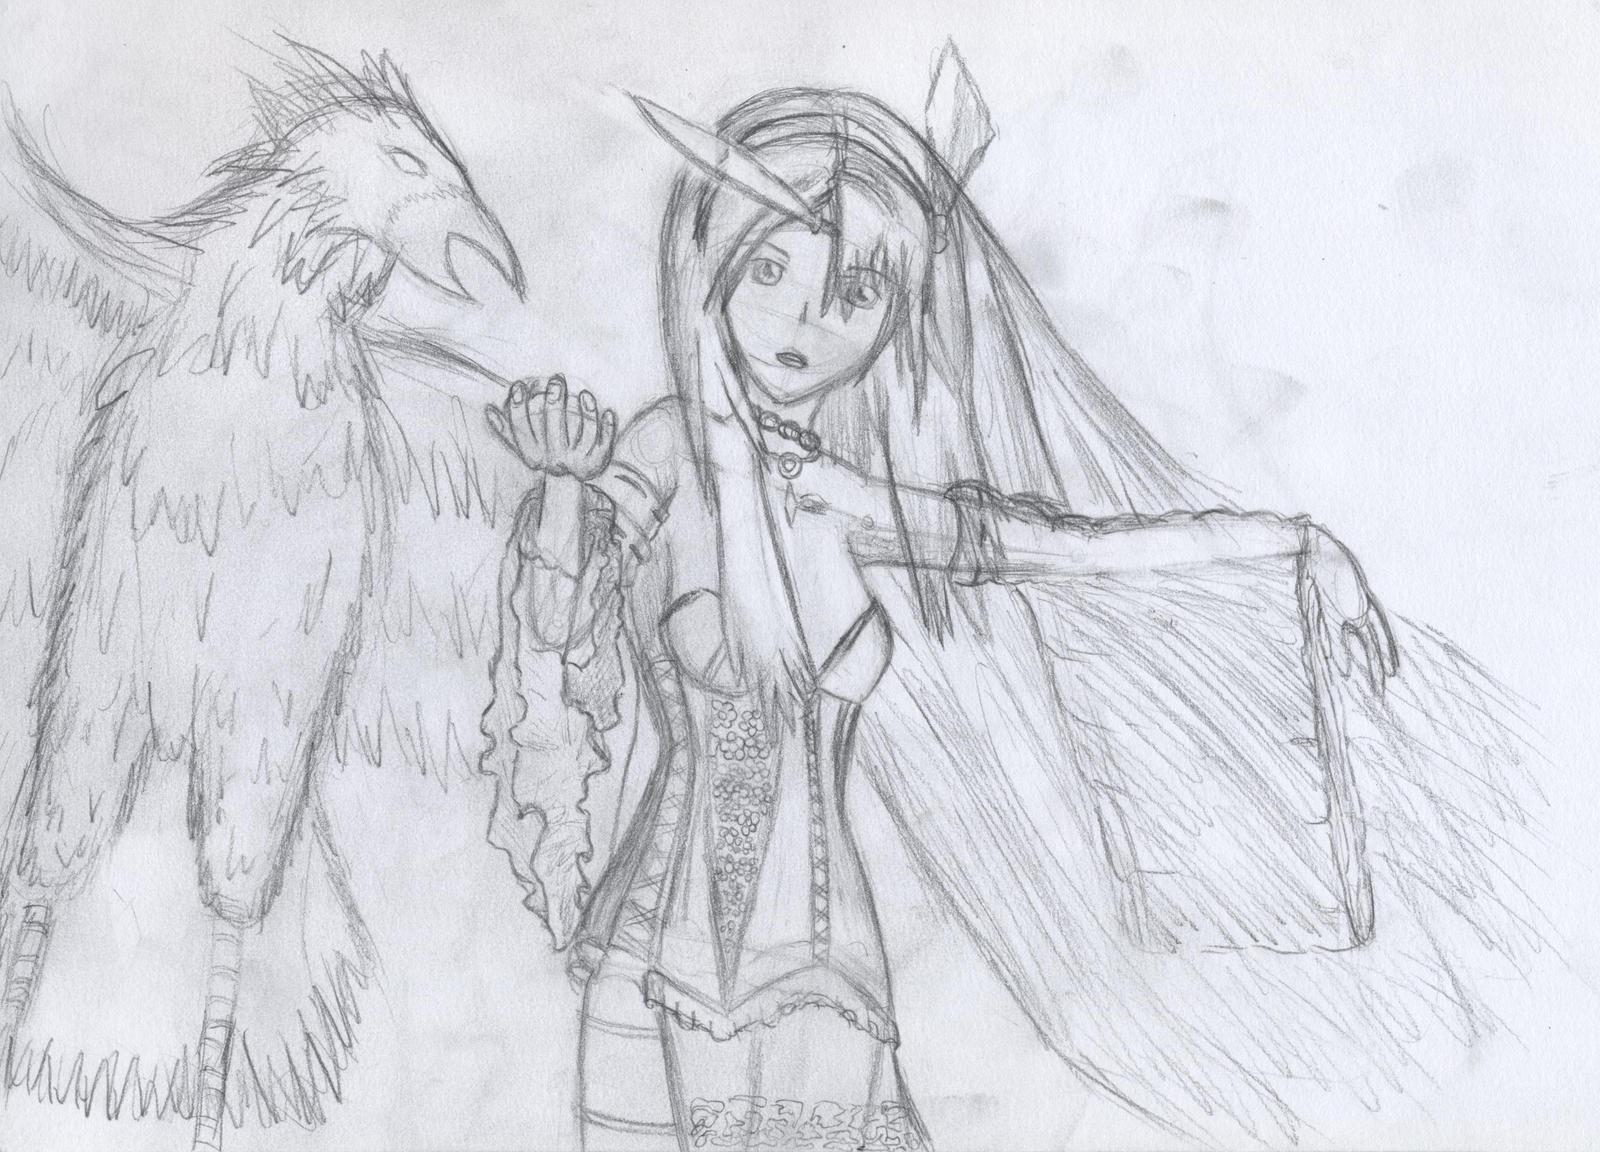 Pheonix and woman copyexercise by raptor-tk